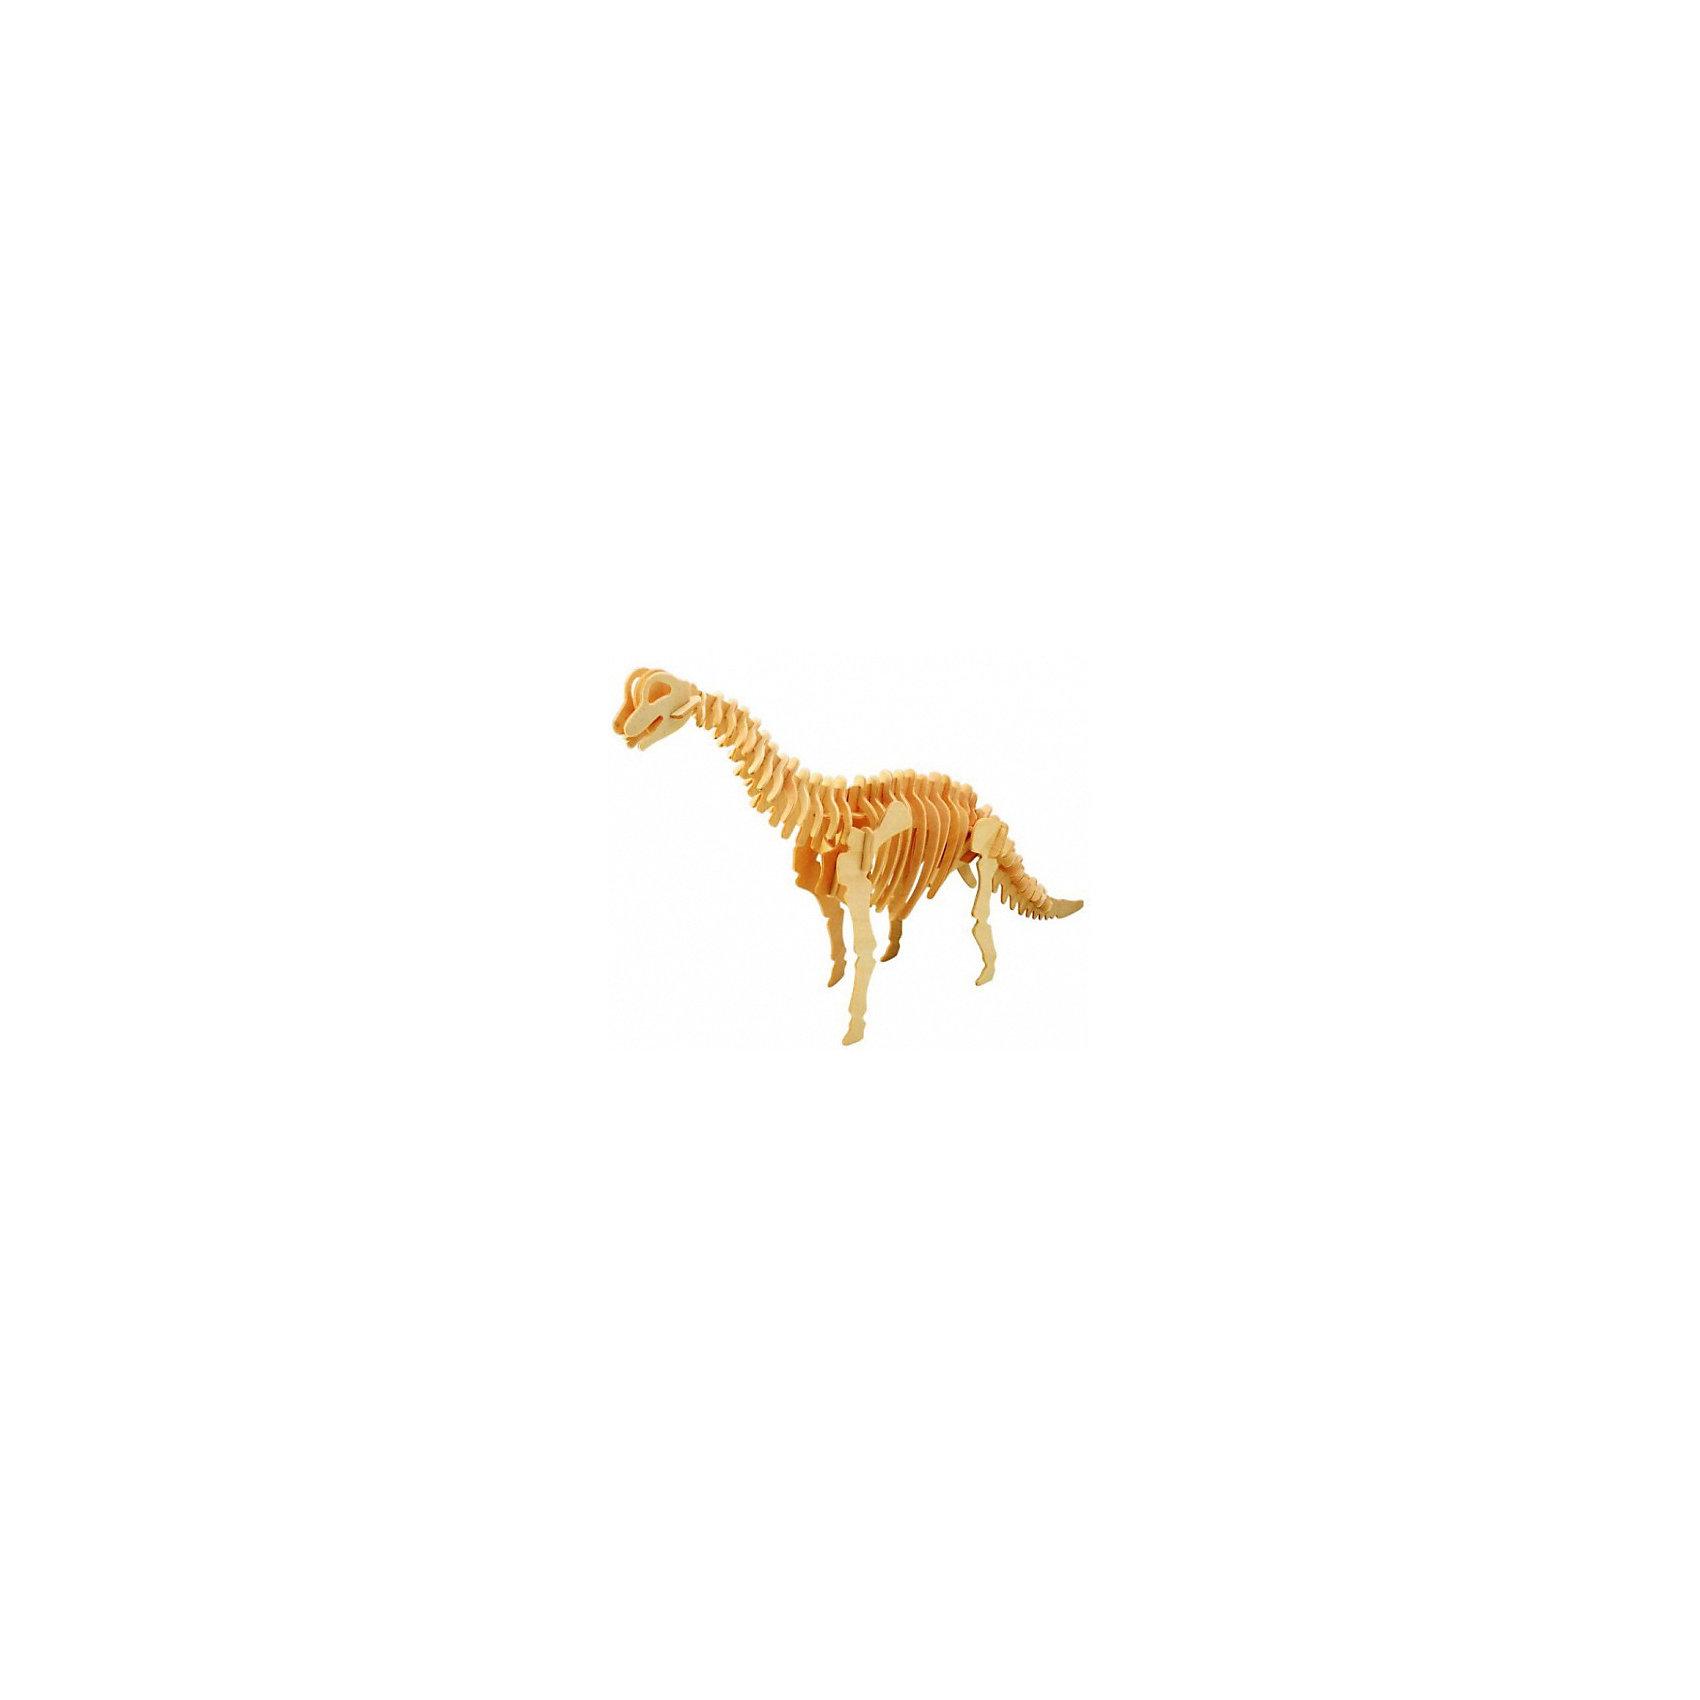 Брахиозавр ( мал. серия Ж), Мир деревянных игрушекРукоделие<br>Удачный вариант подарка для творческого ребенка - этот набор, из которого можно самому сделать красивую деревянную фигуру! Для этого нужно выдавить из пластины с деталями элементы для сборки и соединить их. Специально для любящих творчество и интересующихся вымершими животными были разработаны эти 3D-пазлы. Из них получаются красивые очень реалистичные фигуры, которые могут стать украшением комнаты.<br>Собирая их, ребенок будет учиться соотносить фигуры, развивать пространственное мышление, память и мелкую моторику. А раскрашивая готовое произведение, дети научатся подбирать цвета и будут развивать художественные навыки. Этот набор произведен из качественных и безопасных для детей материалов - дерево тщательно обработано.<br><br>Дополнительная информация:<br><br>материал: дерево;<br>цвет: бежевый;<br>элементы: пластины с деталями для сборки;<br>размер упаковки: 23 х 18 см.<br><br>3D-пазл Брахиозавр ( мал. серия Ж) от бренда Мир деревянных игрушек можно купить в нашем магазине.<br><br>Ширина мм: 225<br>Глубина мм: 30<br>Высота мм: 180<br>Вес г: 400<br>Возраст от месяцев: 36<br>Возраст до месяцев: 144<br>Пол: Унисекс<br>Возраст: Детский<br>SKU: 4969044